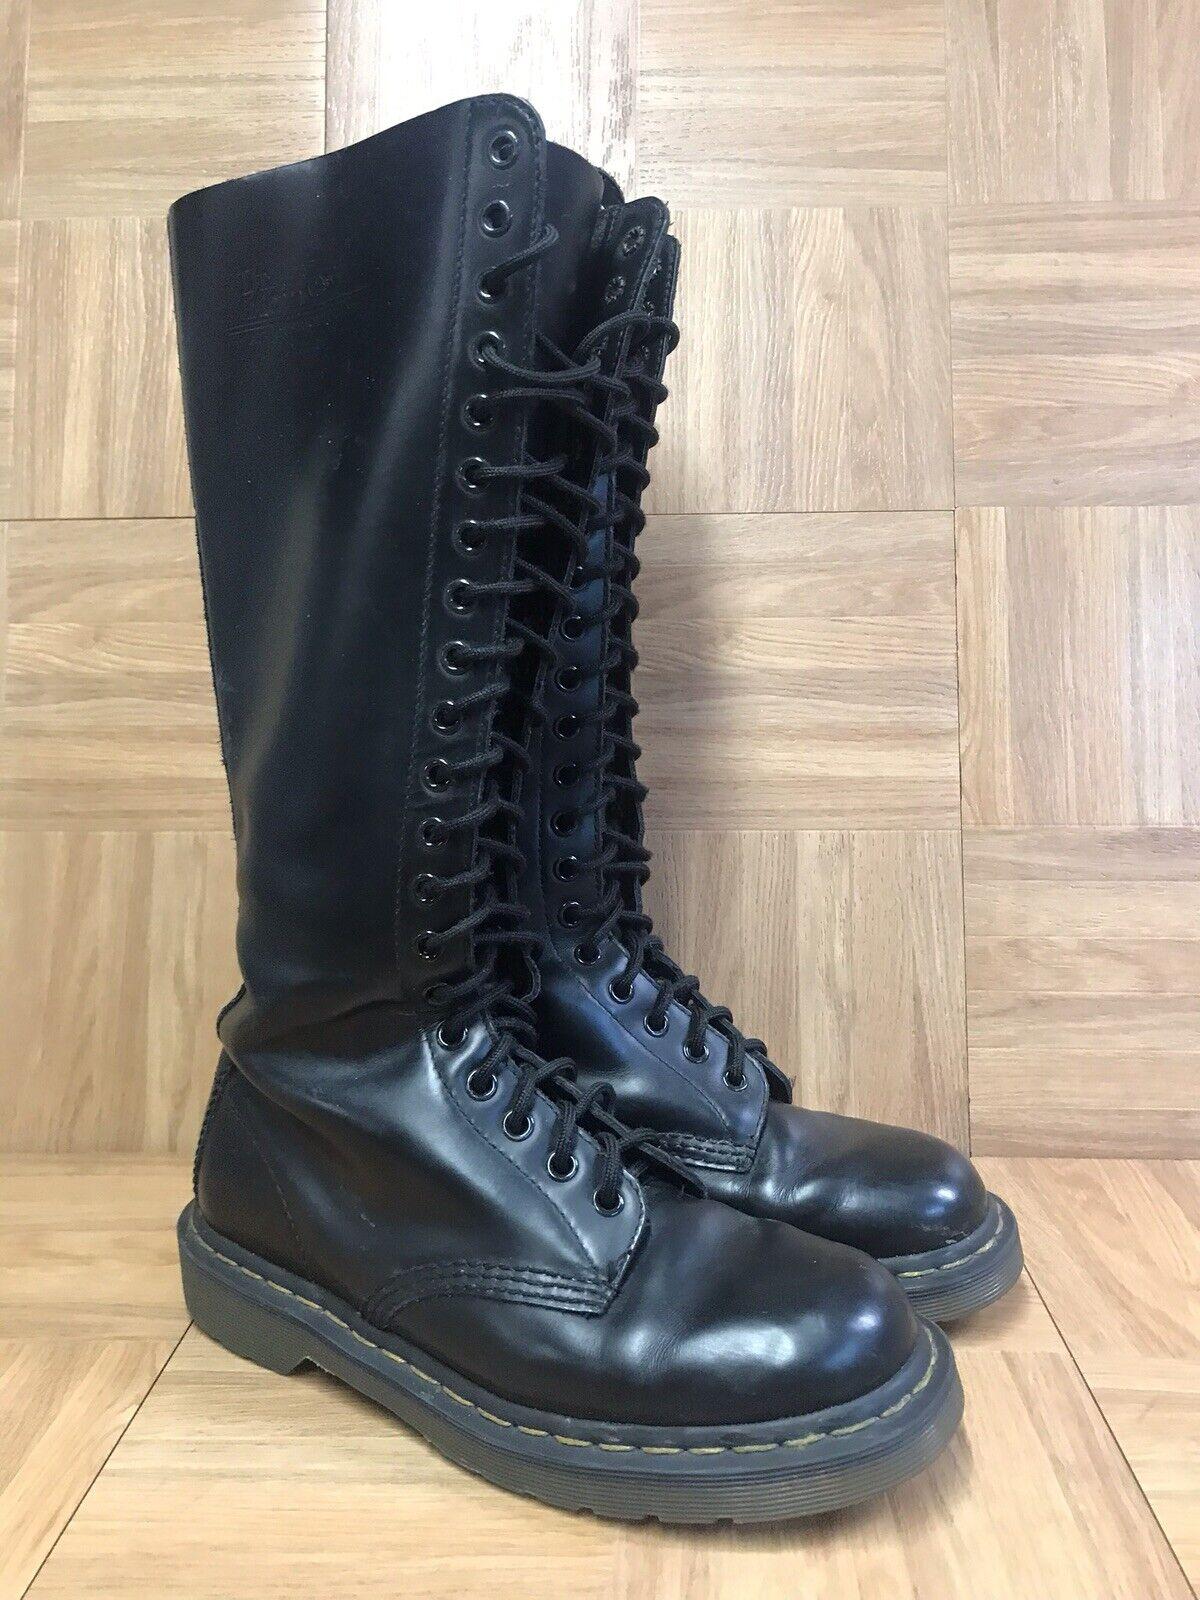 grande sconto RARE Dr Martens 20 Eye Tall nero nero nero Leather stivali Dimensione 7 Uomo - 8 Donna  LE  vendita online sconto prezzo basso